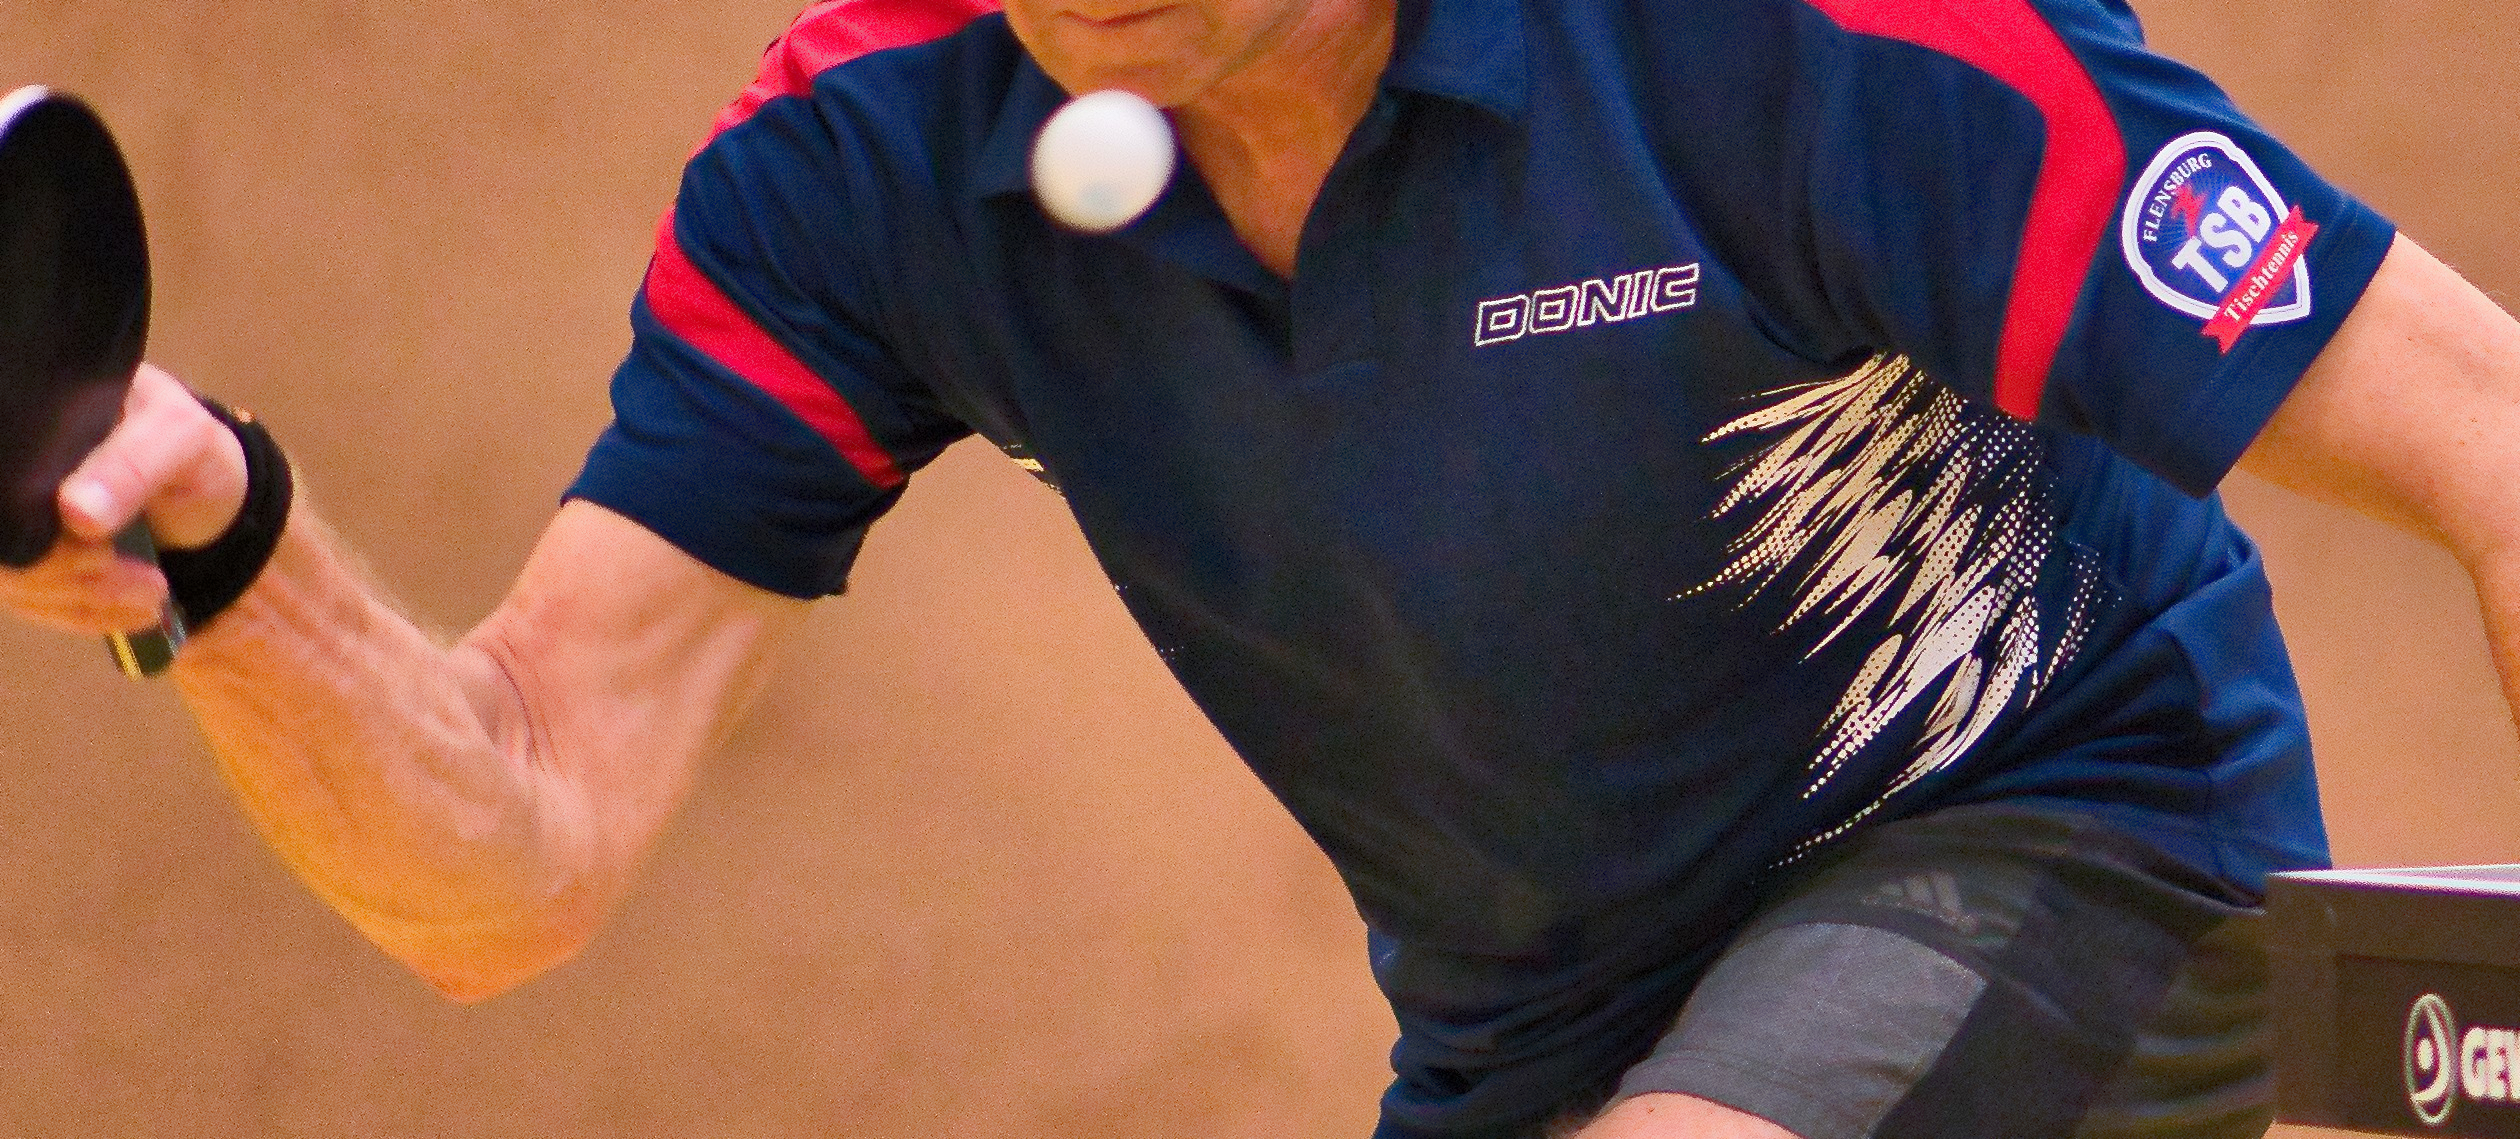 Tischtennis die erste Spielsportart mit dem Qualitätssiegel SPORT PRO GESUNDHEIT